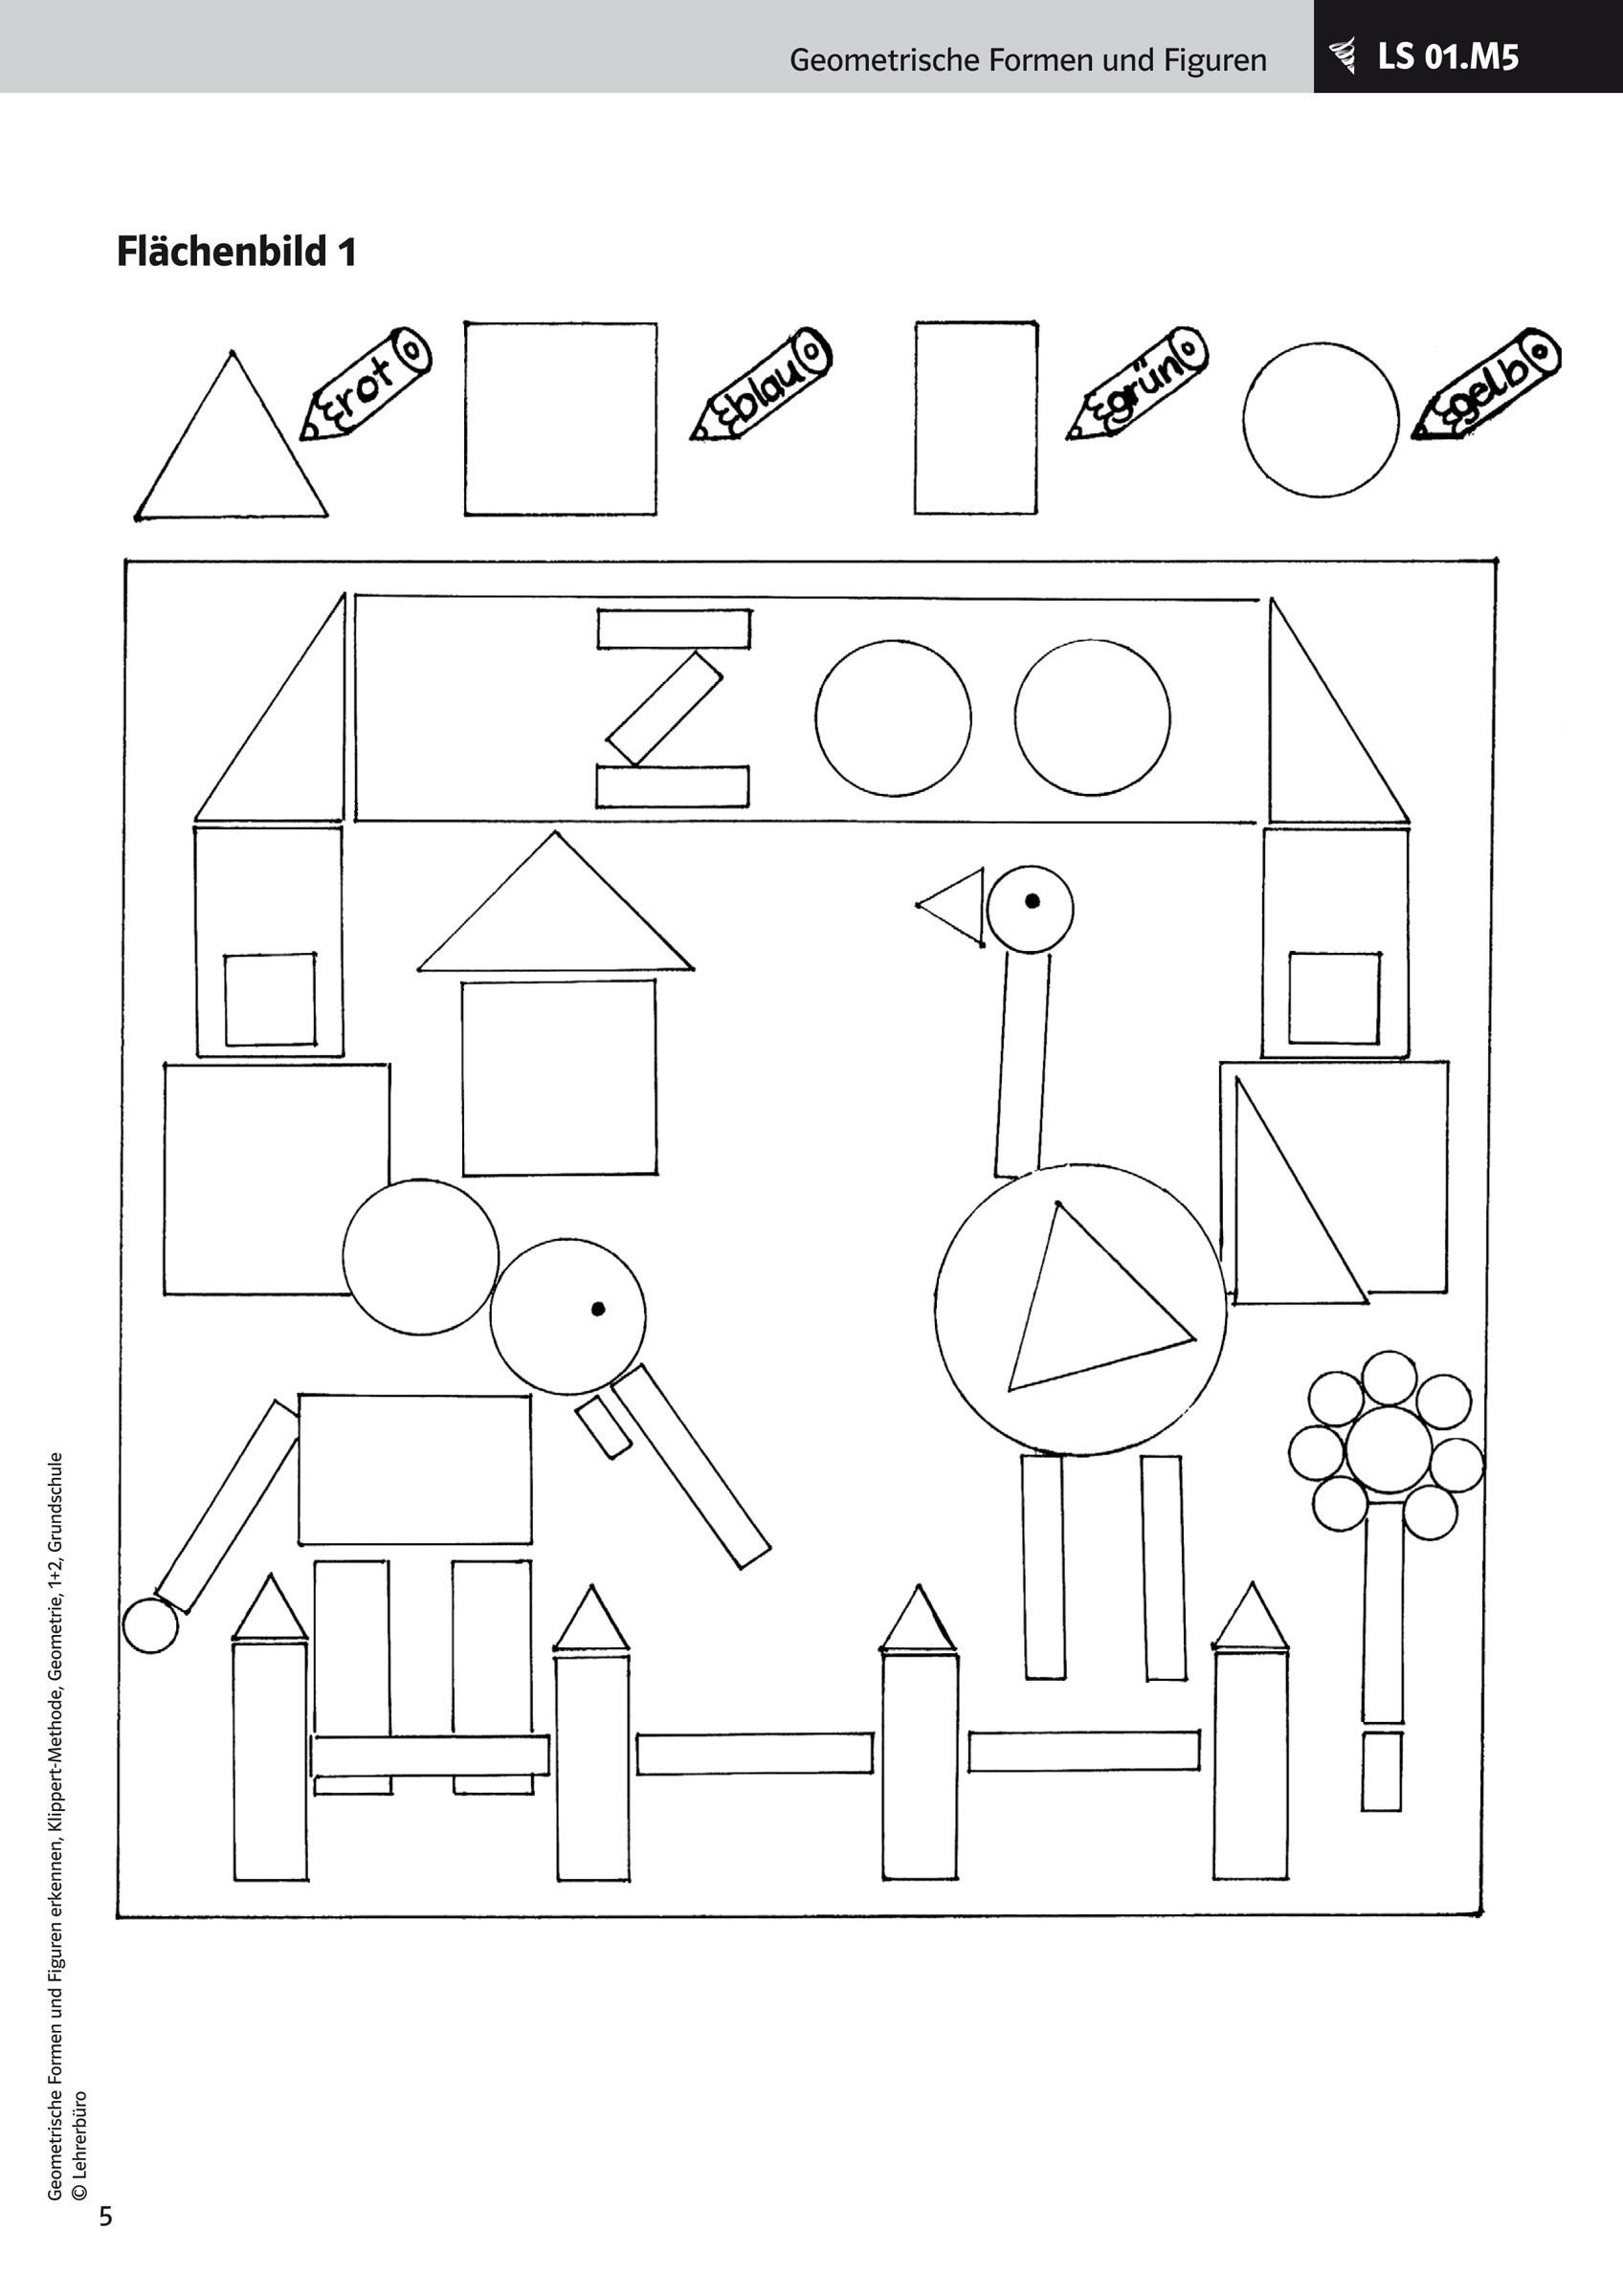 Geometrische Muster Zum Ausmalen Das Beste Von Ausmalbilder Qualle Frisch Geometrische Malvorlagen Einfach Stock